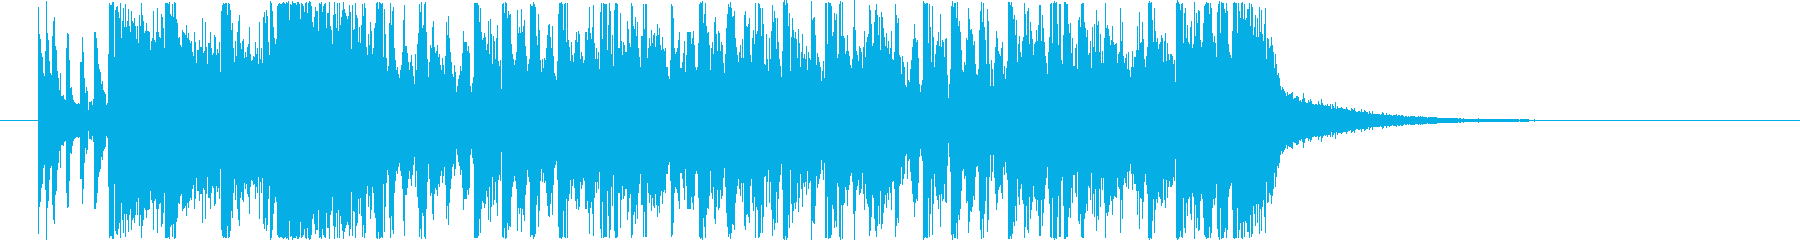 場面転換などに使えるジングル1の再生済みの波形